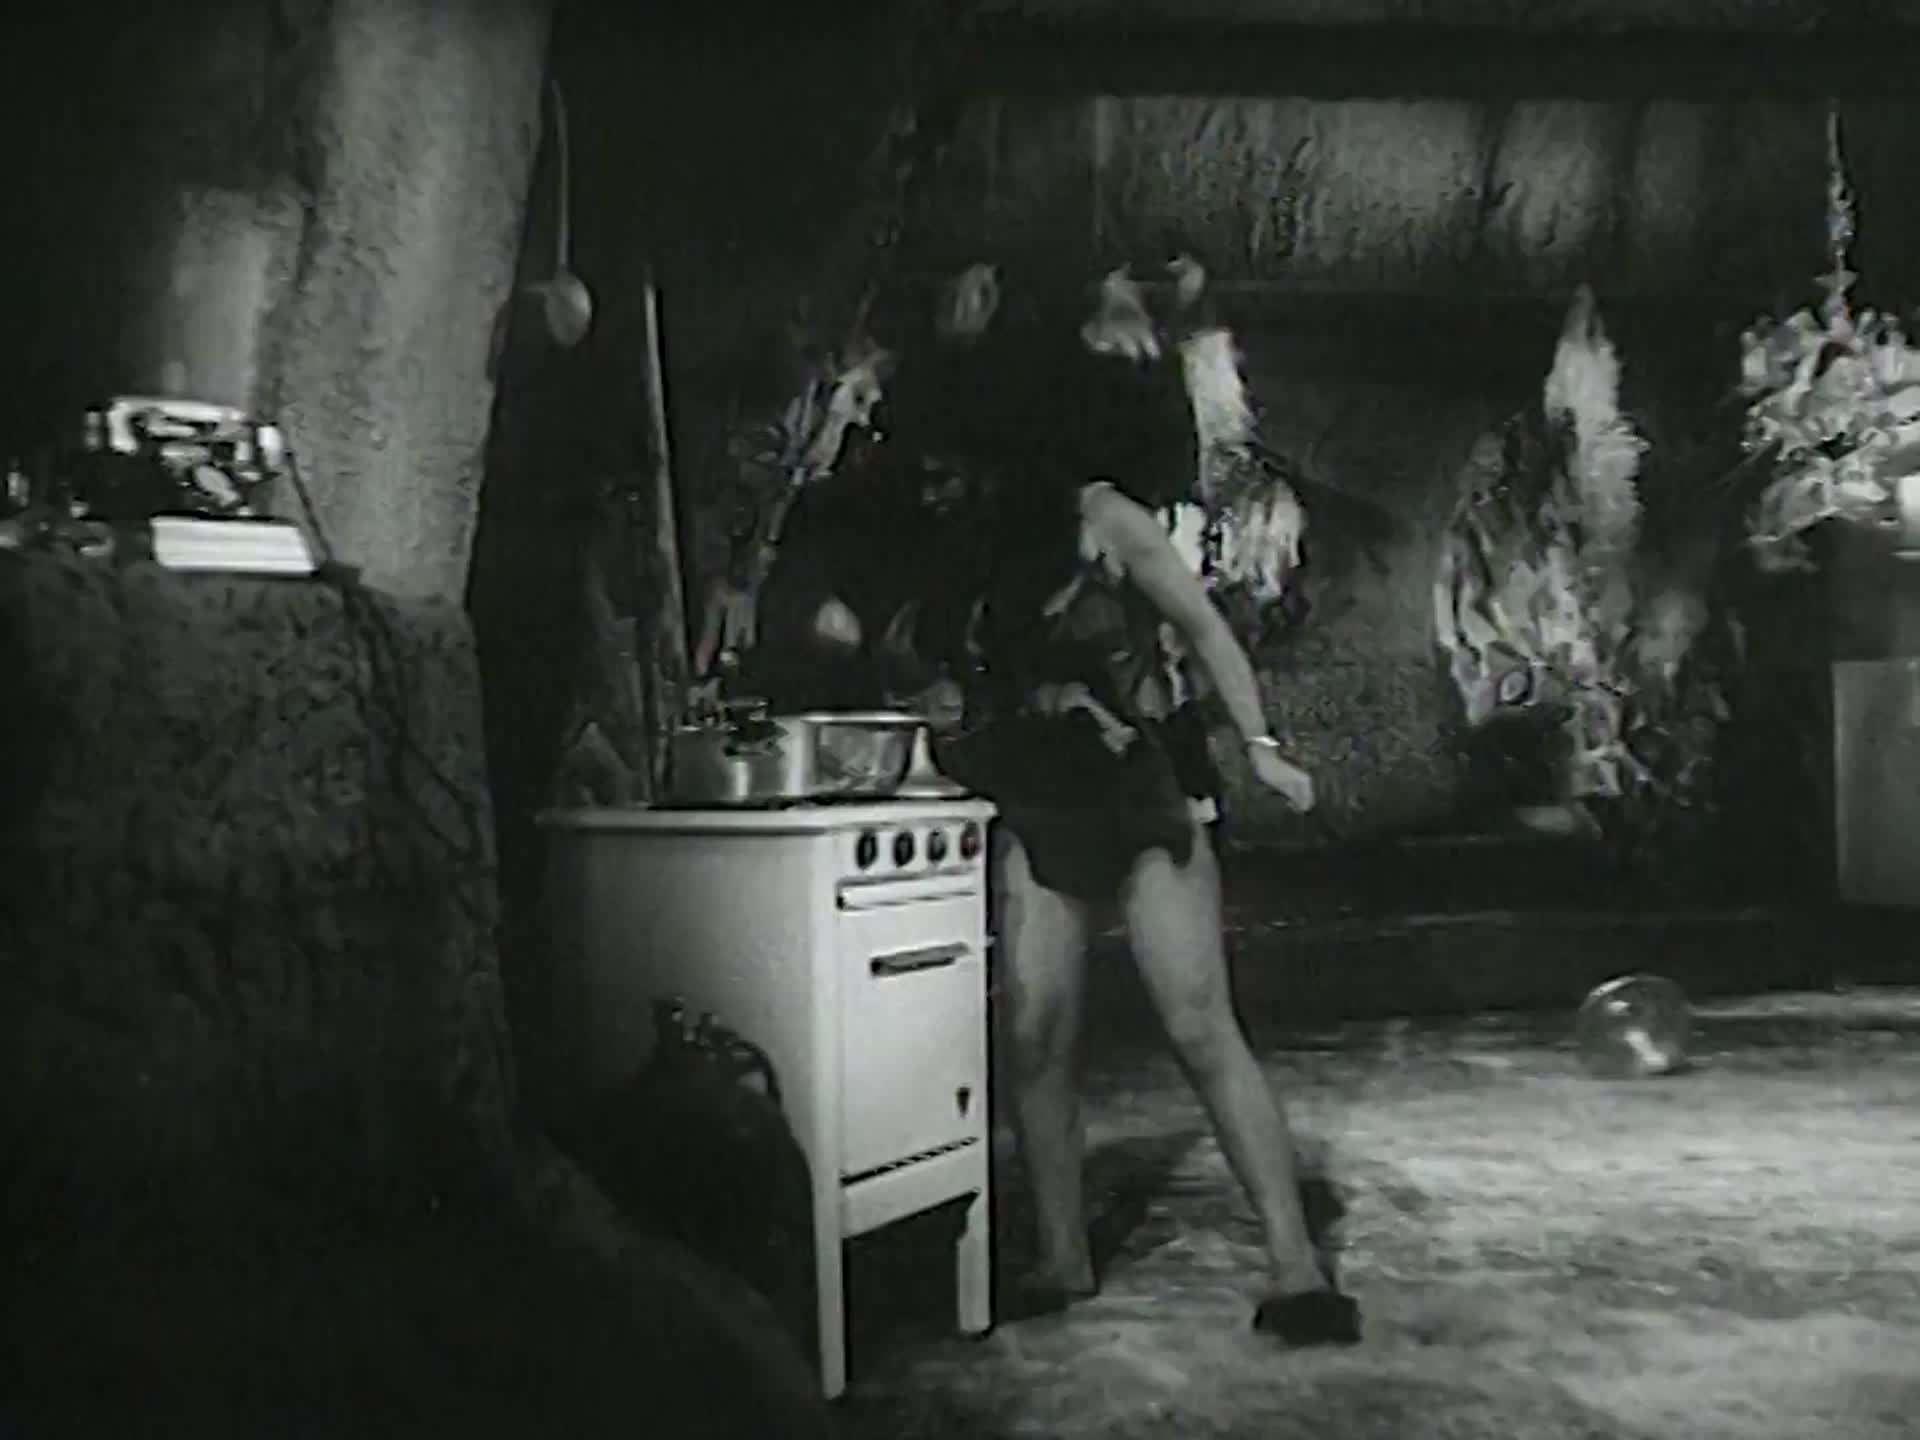 [فيلم][تورنت][تحميل][حواء والقرد][1968][1080p][Web-DL] 5 arabp2p.com